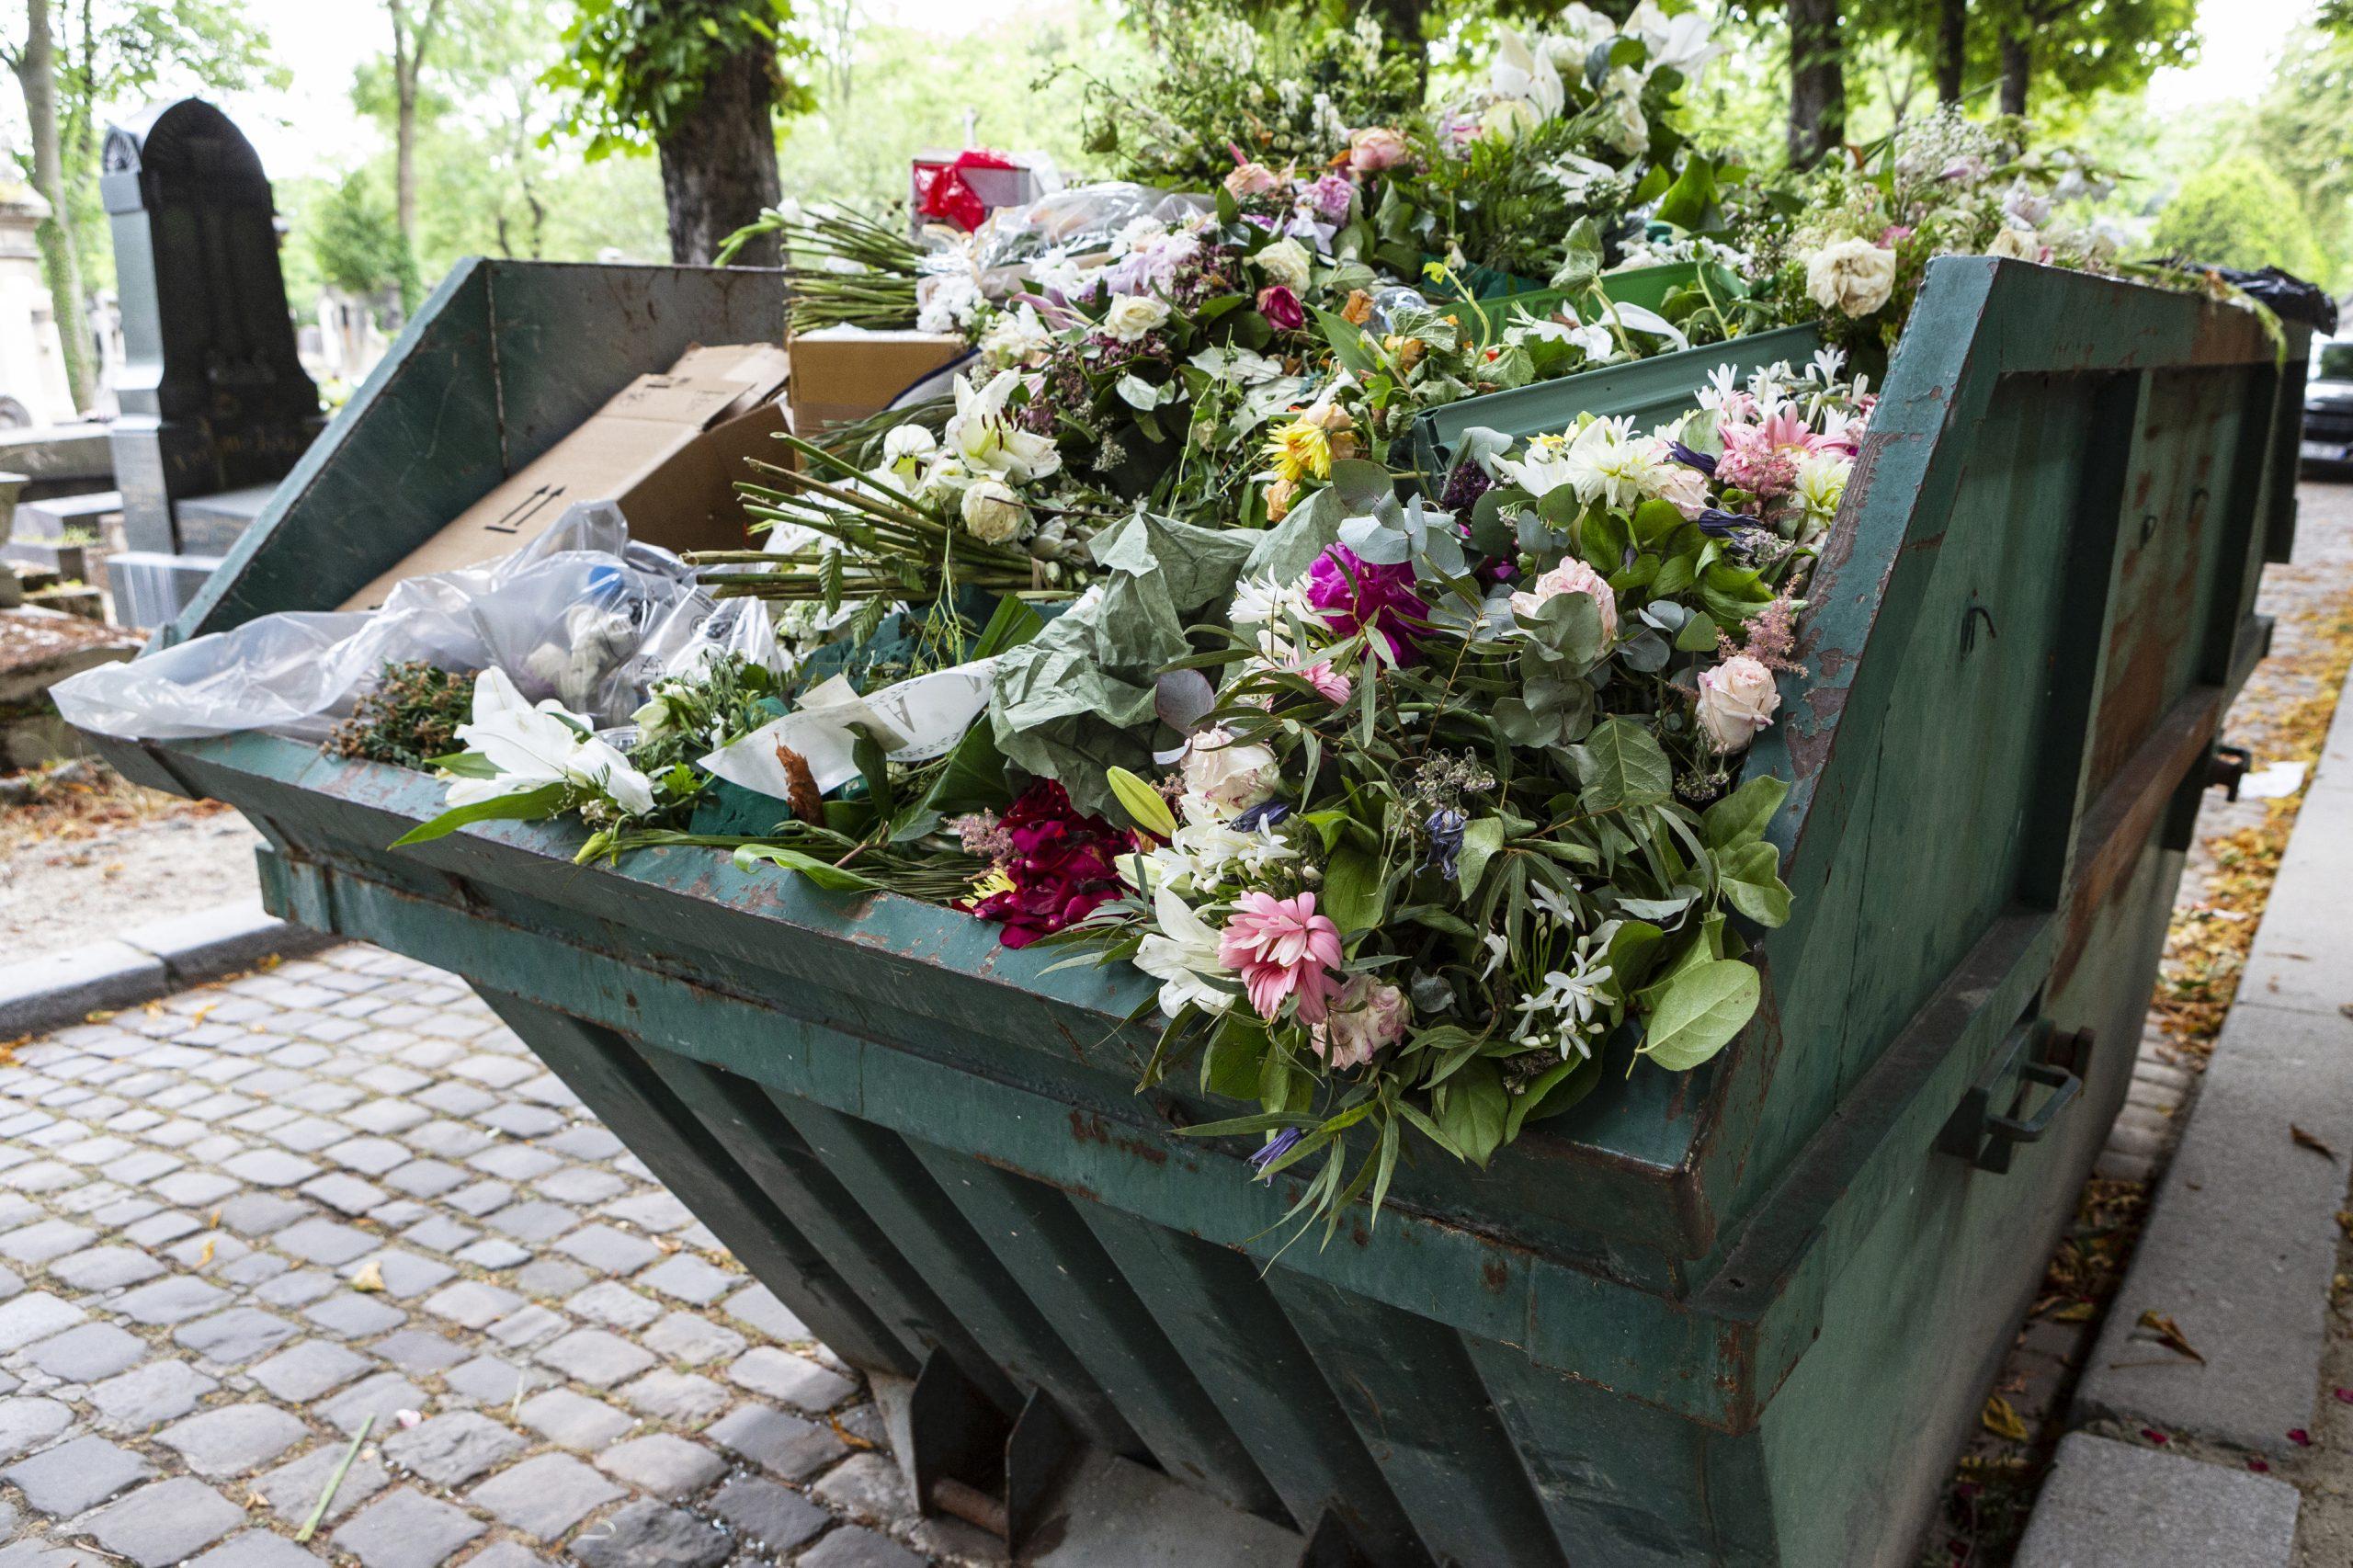 Triedenie odpadu na cintorínoch funguje zle. Môžu za to materiály, ktorými zdobíme hroby